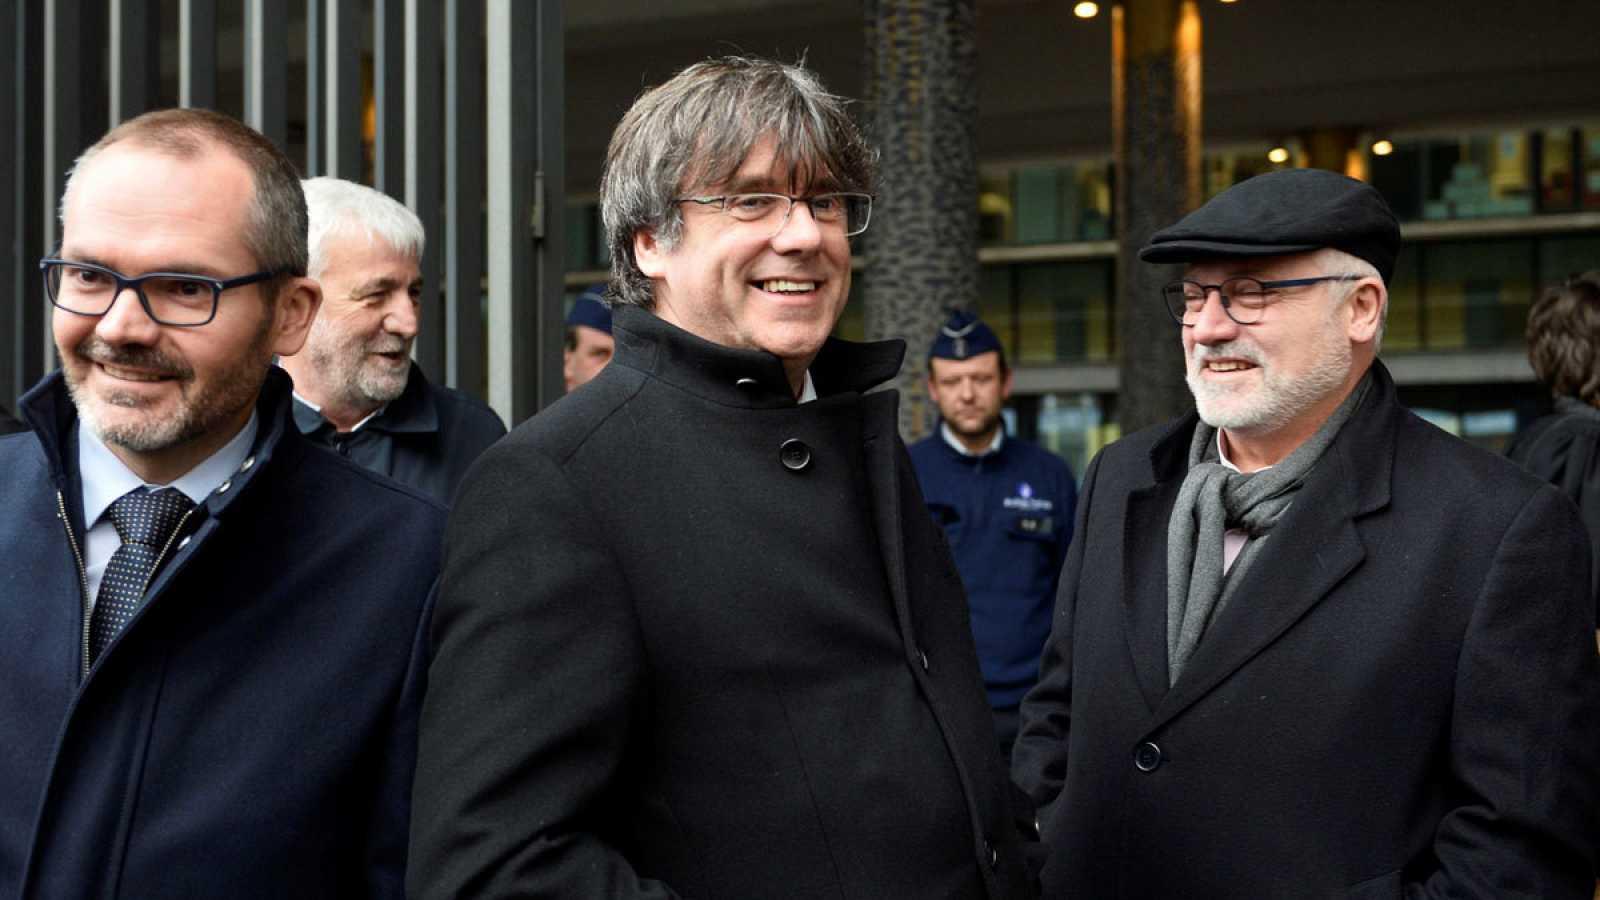 El expresidente de la Generalitat de Cataluña Carles Puigdemont y el exconseller Lluís Puig, este lunes a su salida del juzgado.